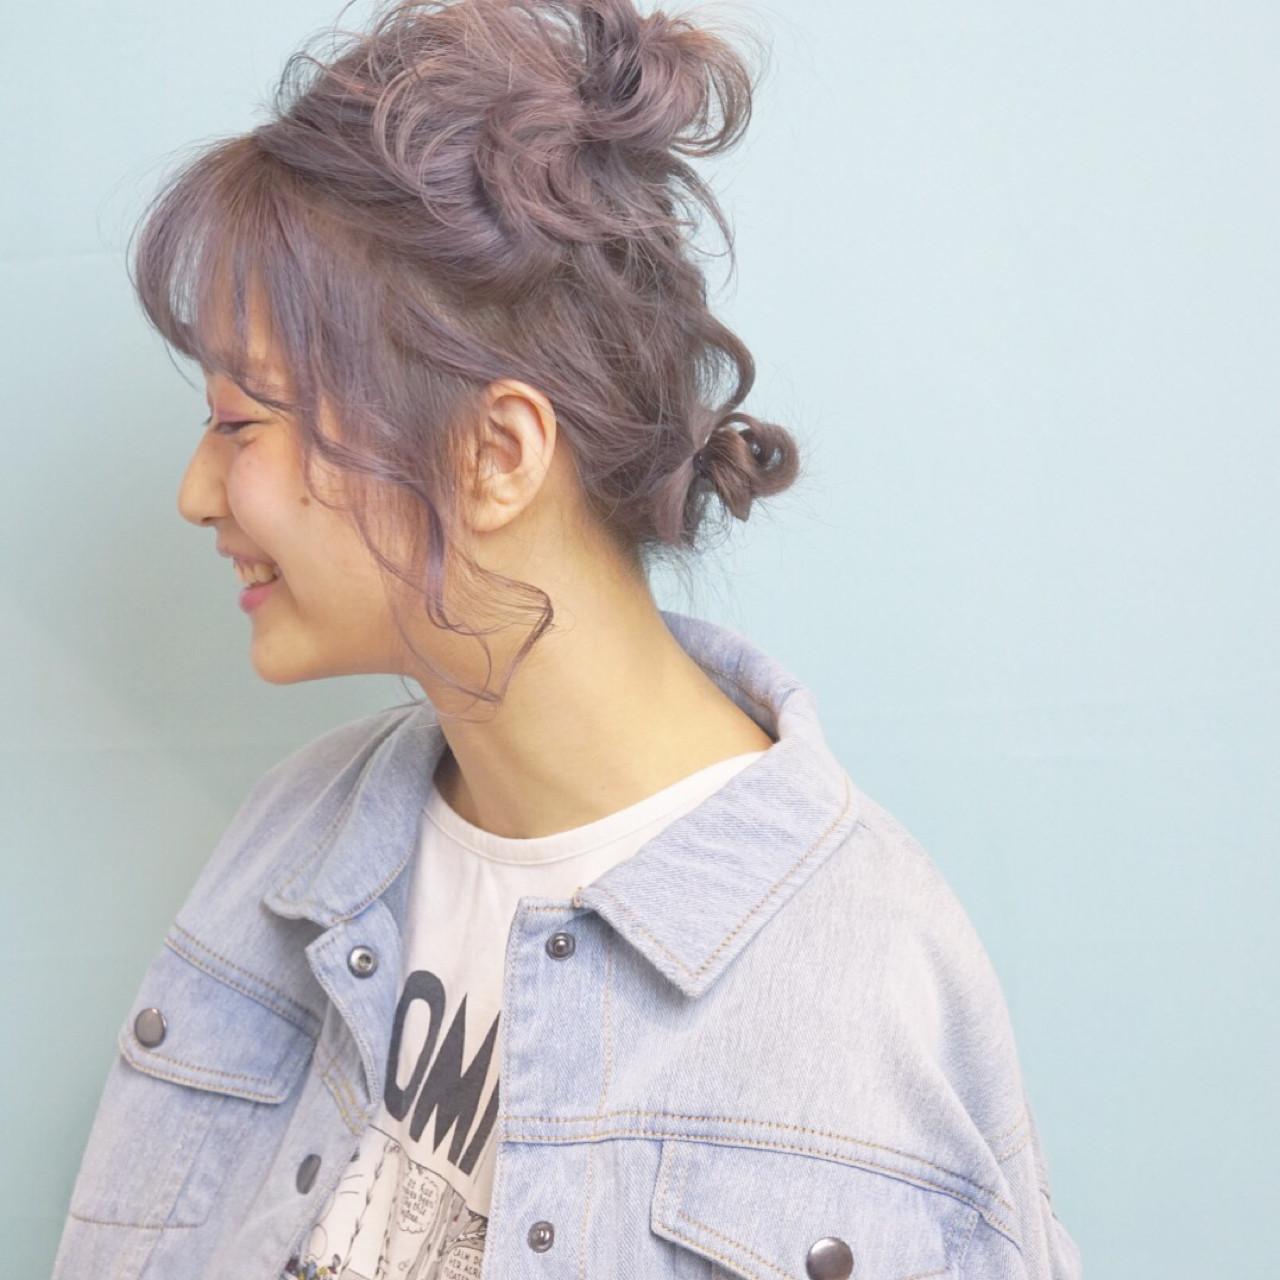 コンプレックスをかわいいに♡丸顔さんにおすすめの髪型アレンジ10選 山口 卓哉/EARTH